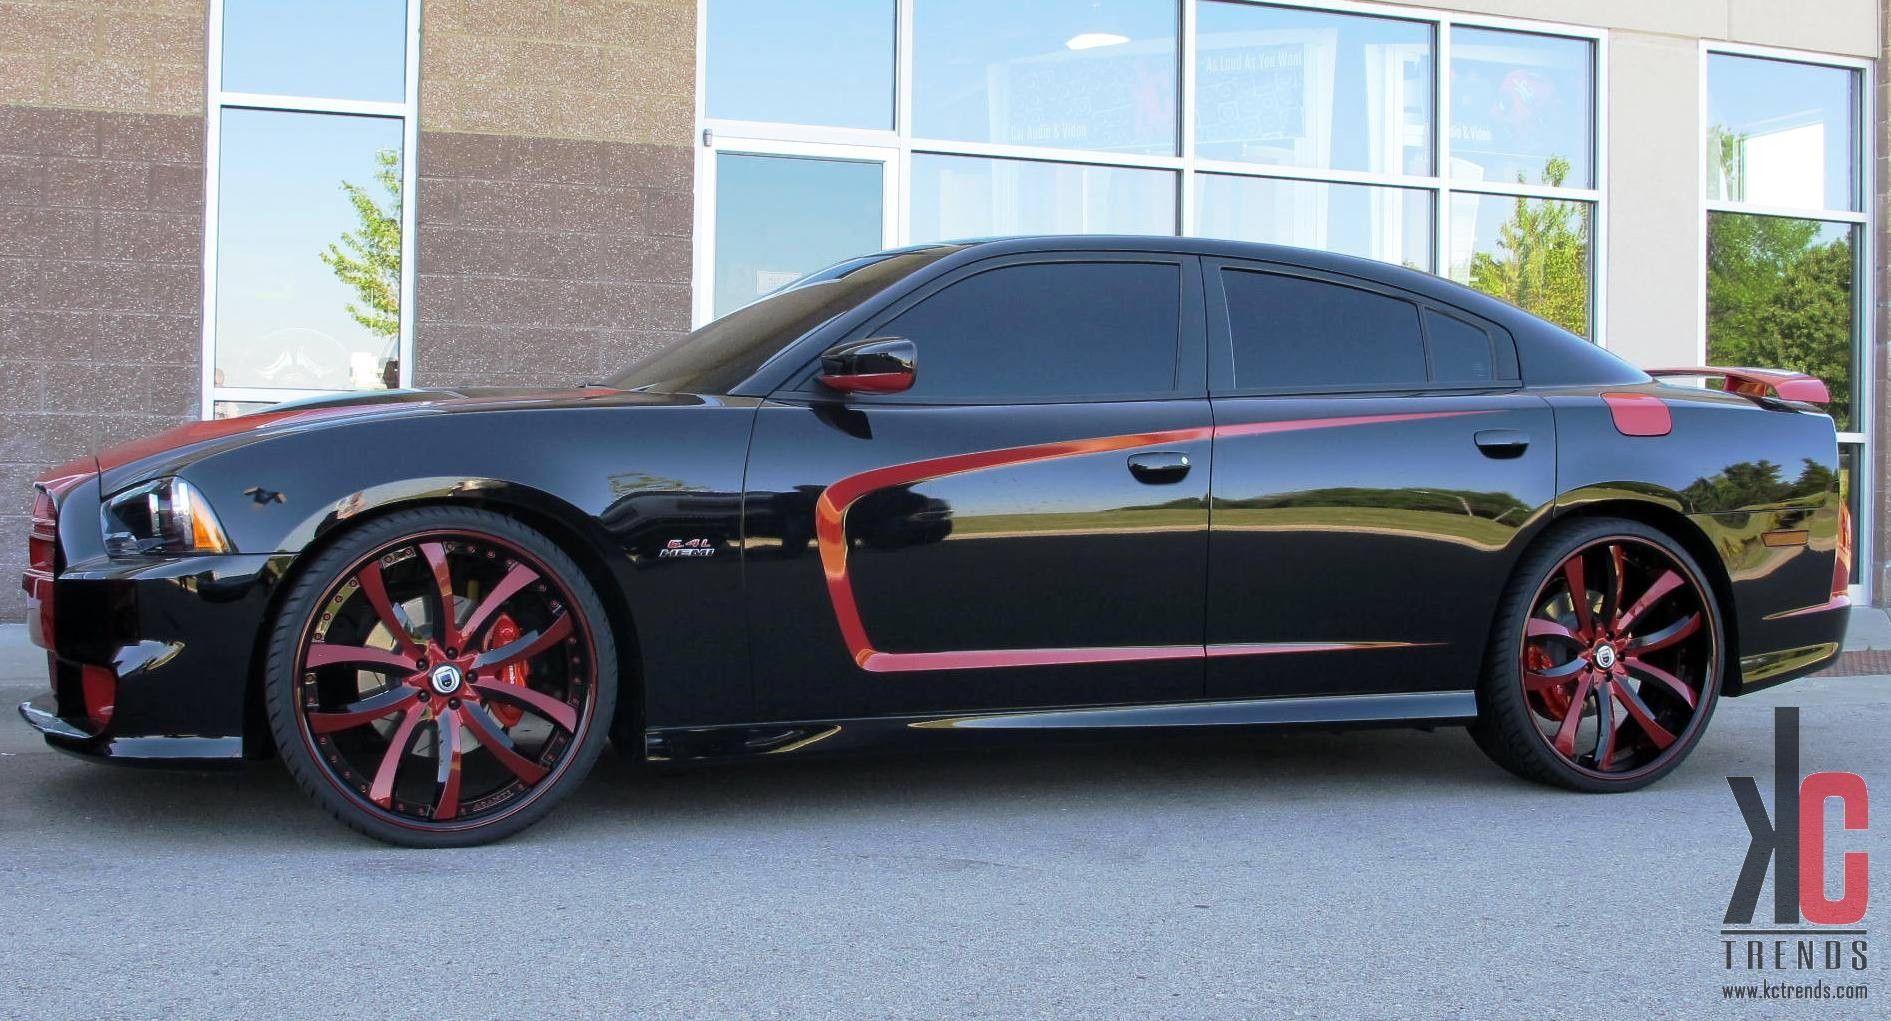 dodge - Dodge Charger 2014 Srt8 Custom